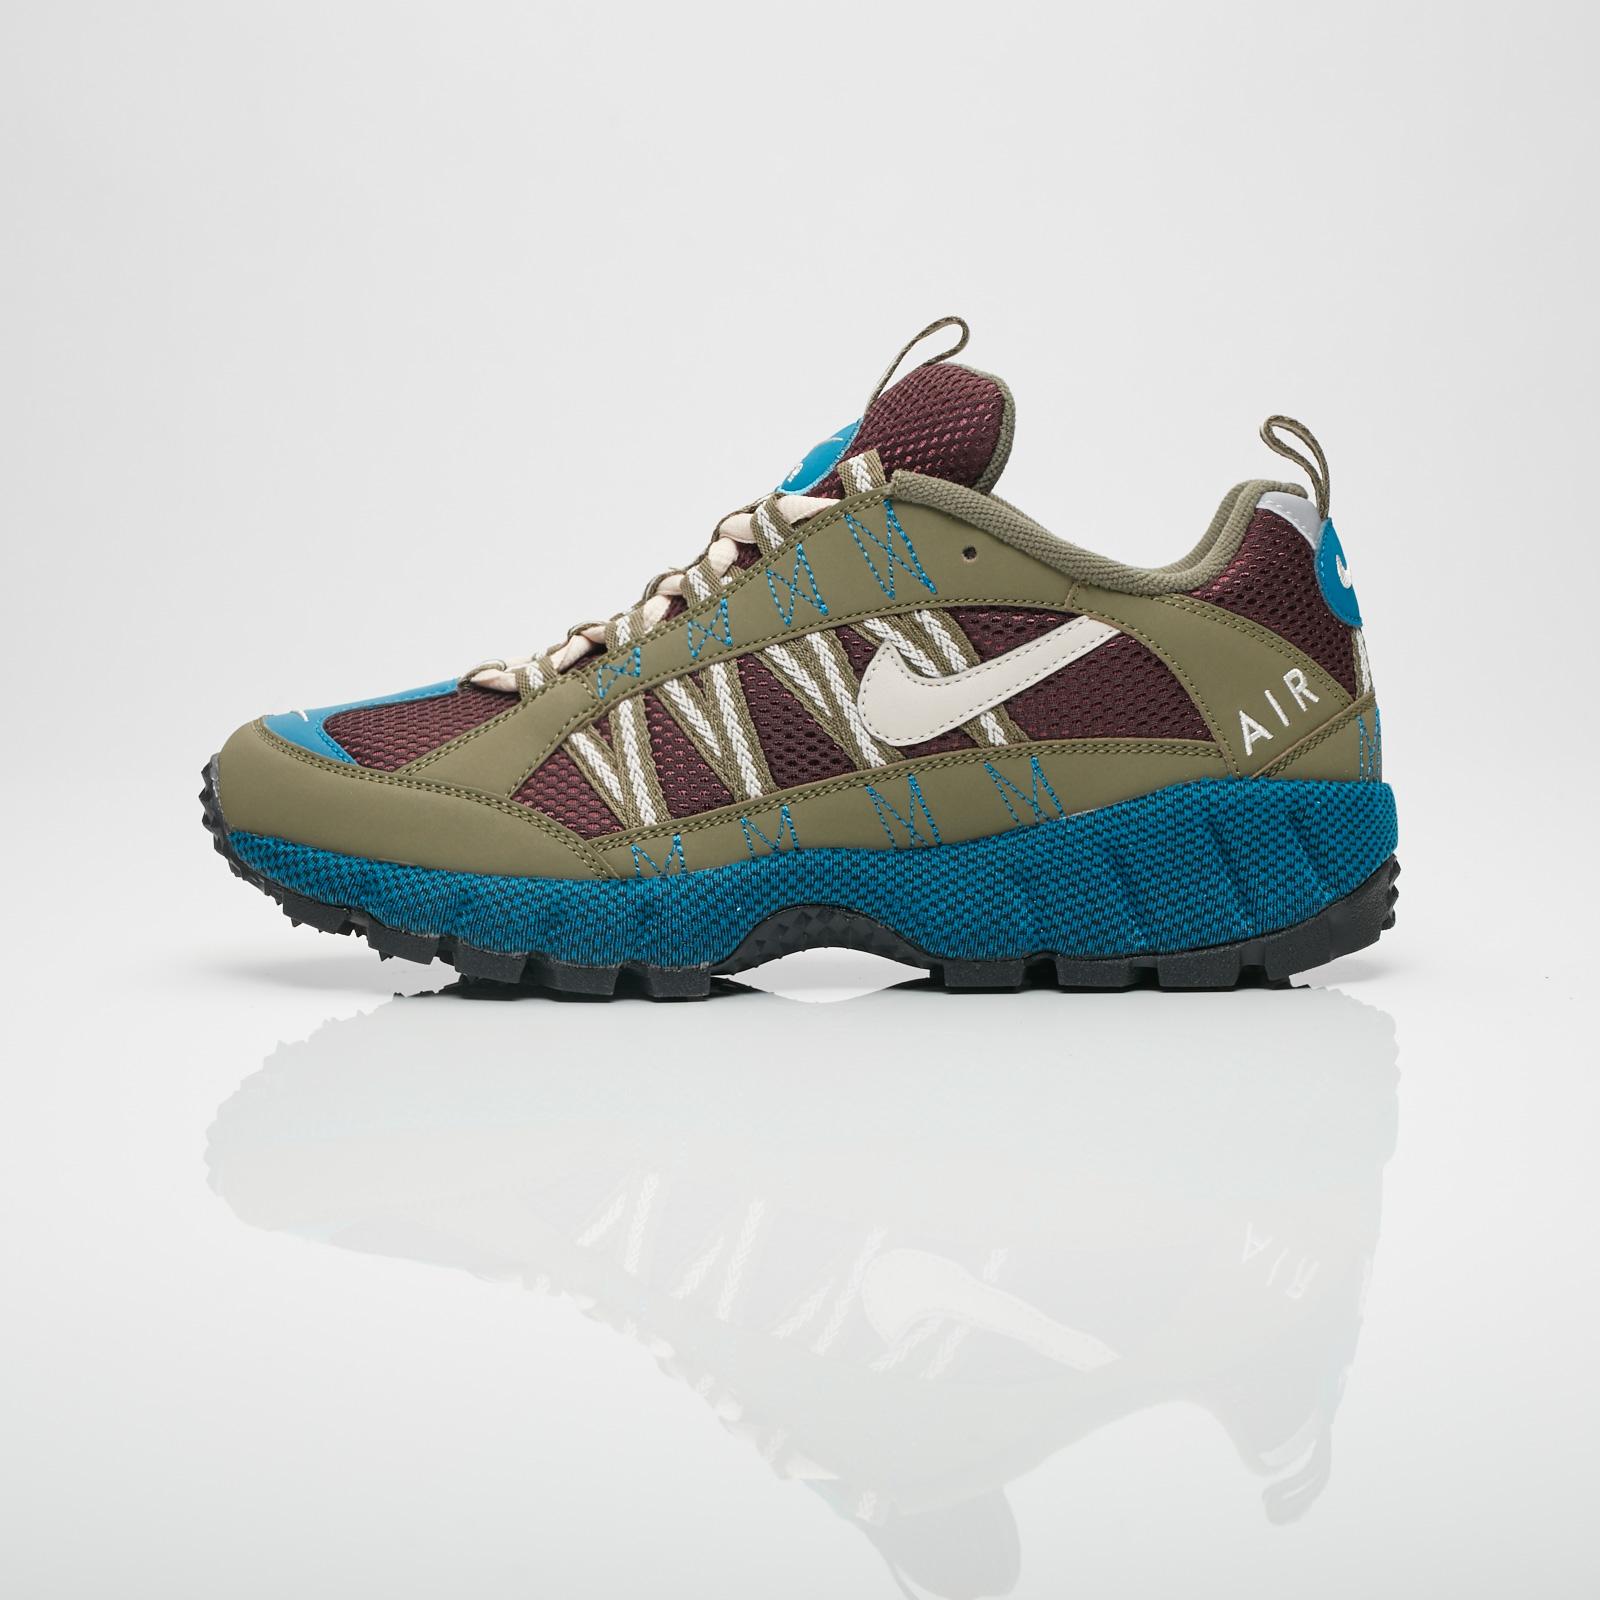 73566fed34 Nike Air Humara 17 - Aj1102-200 - Sneakersnstuff | sneakers & streetwear  online since 1999